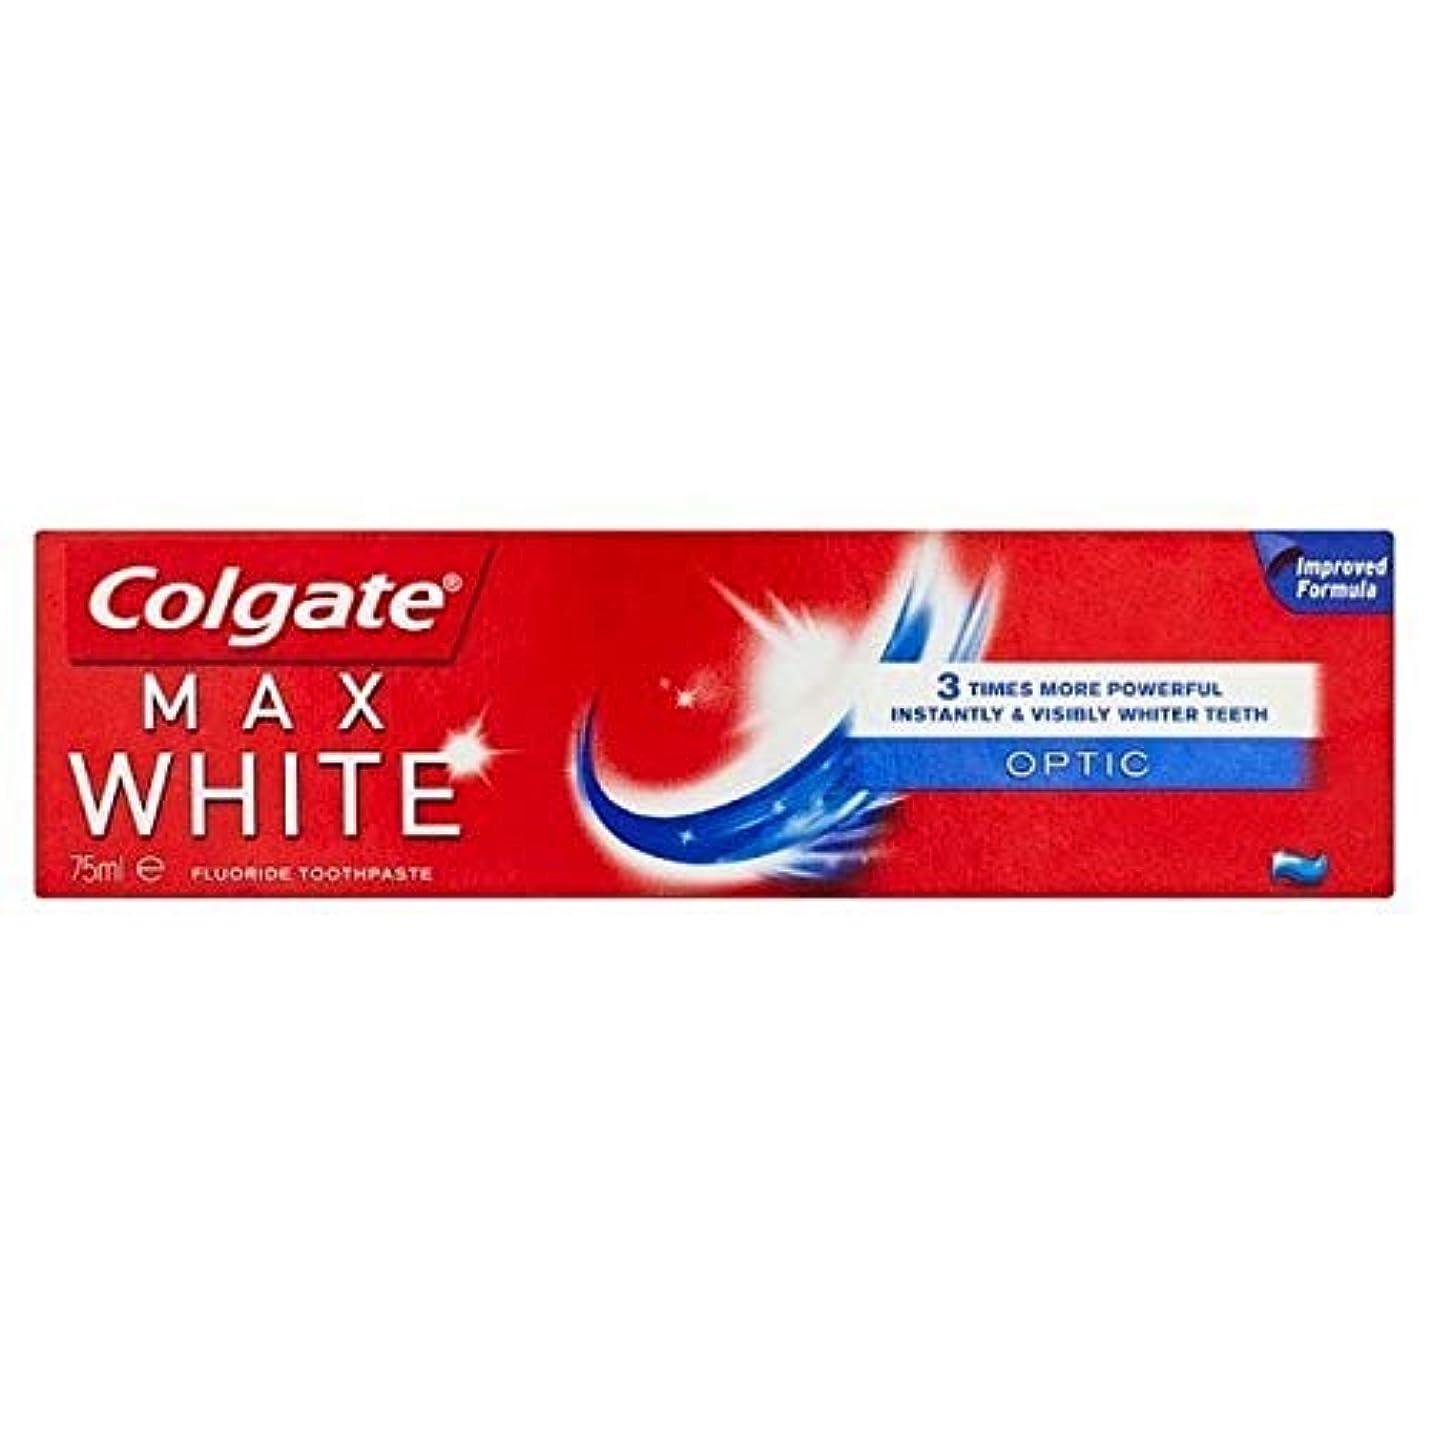 バング泥だらけイヤホン[Colgate ] コルゲート最大白い光ホワイトニング歯磨き粉75ミリリットル - Colgate Max White Optic Whitening Toothpaste 75ml [並行輸入品]